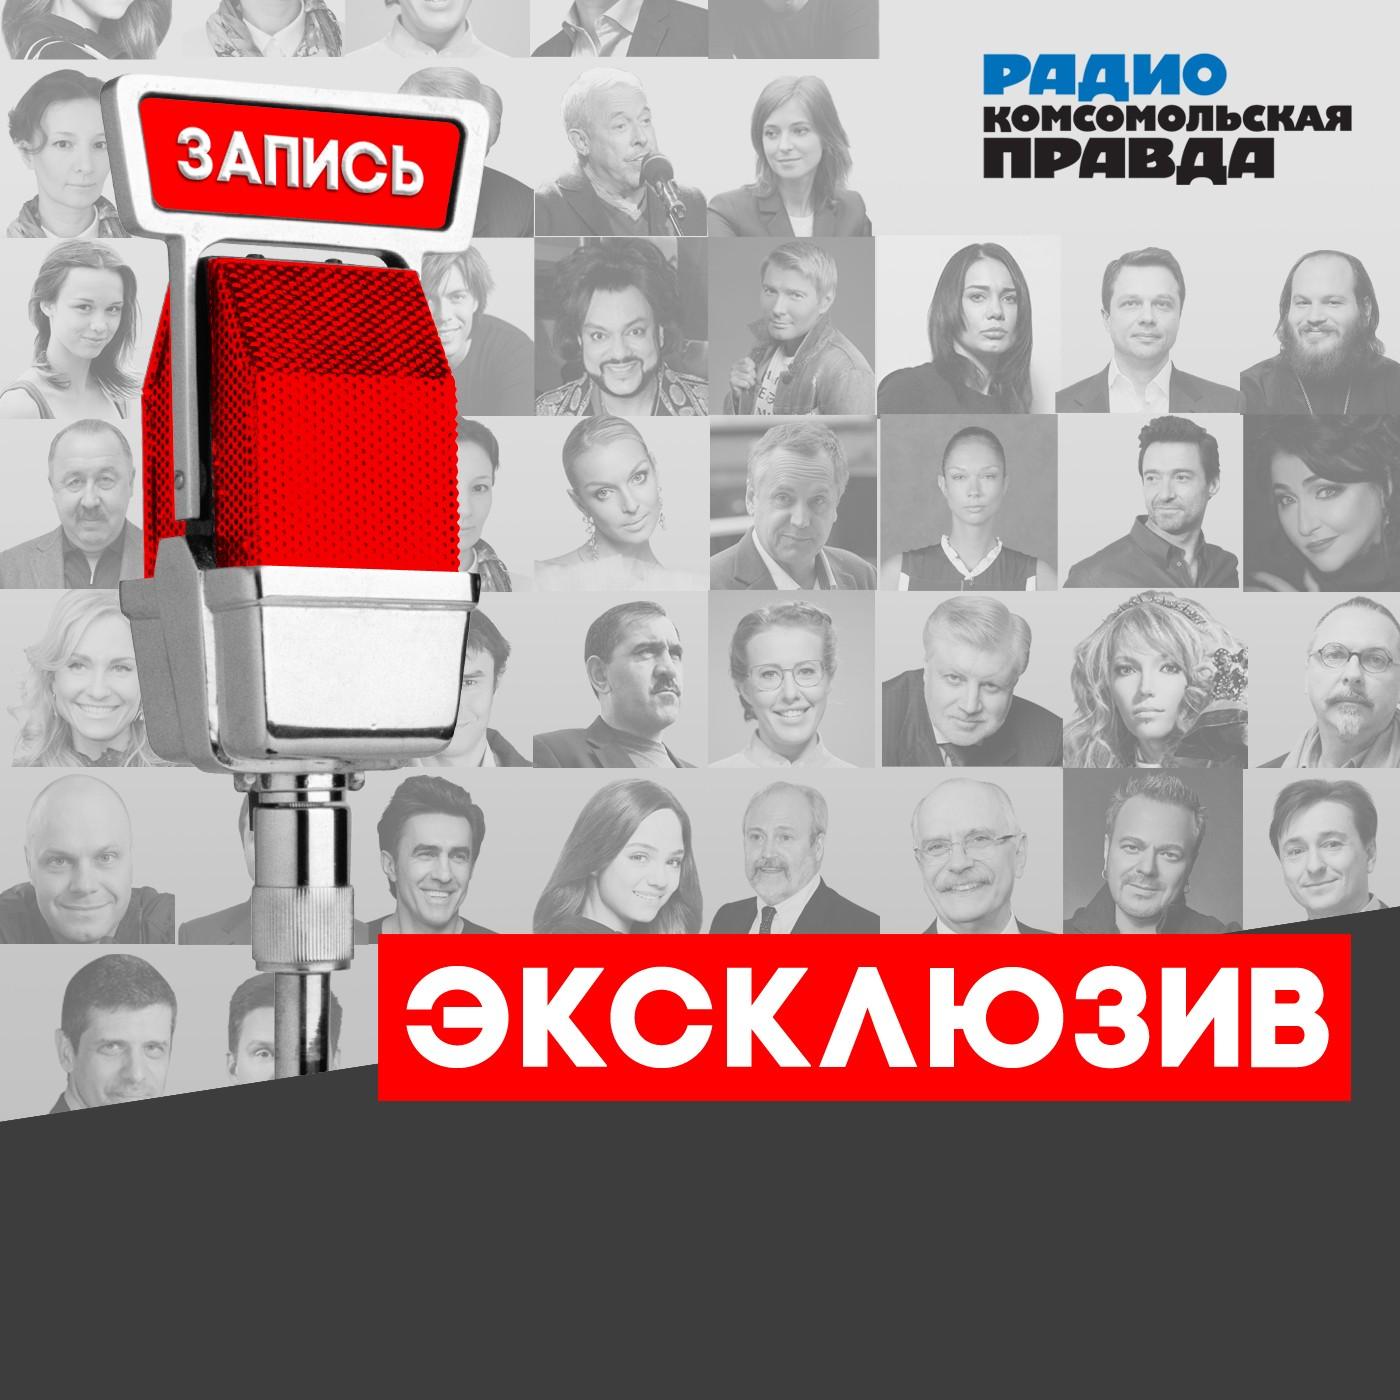 Радио «Комсомольская правда» Лолите - 55 лет: «Приходилось ночевать в подвале и на вокзале, но то время я вспоминаю как благо» printio лолита